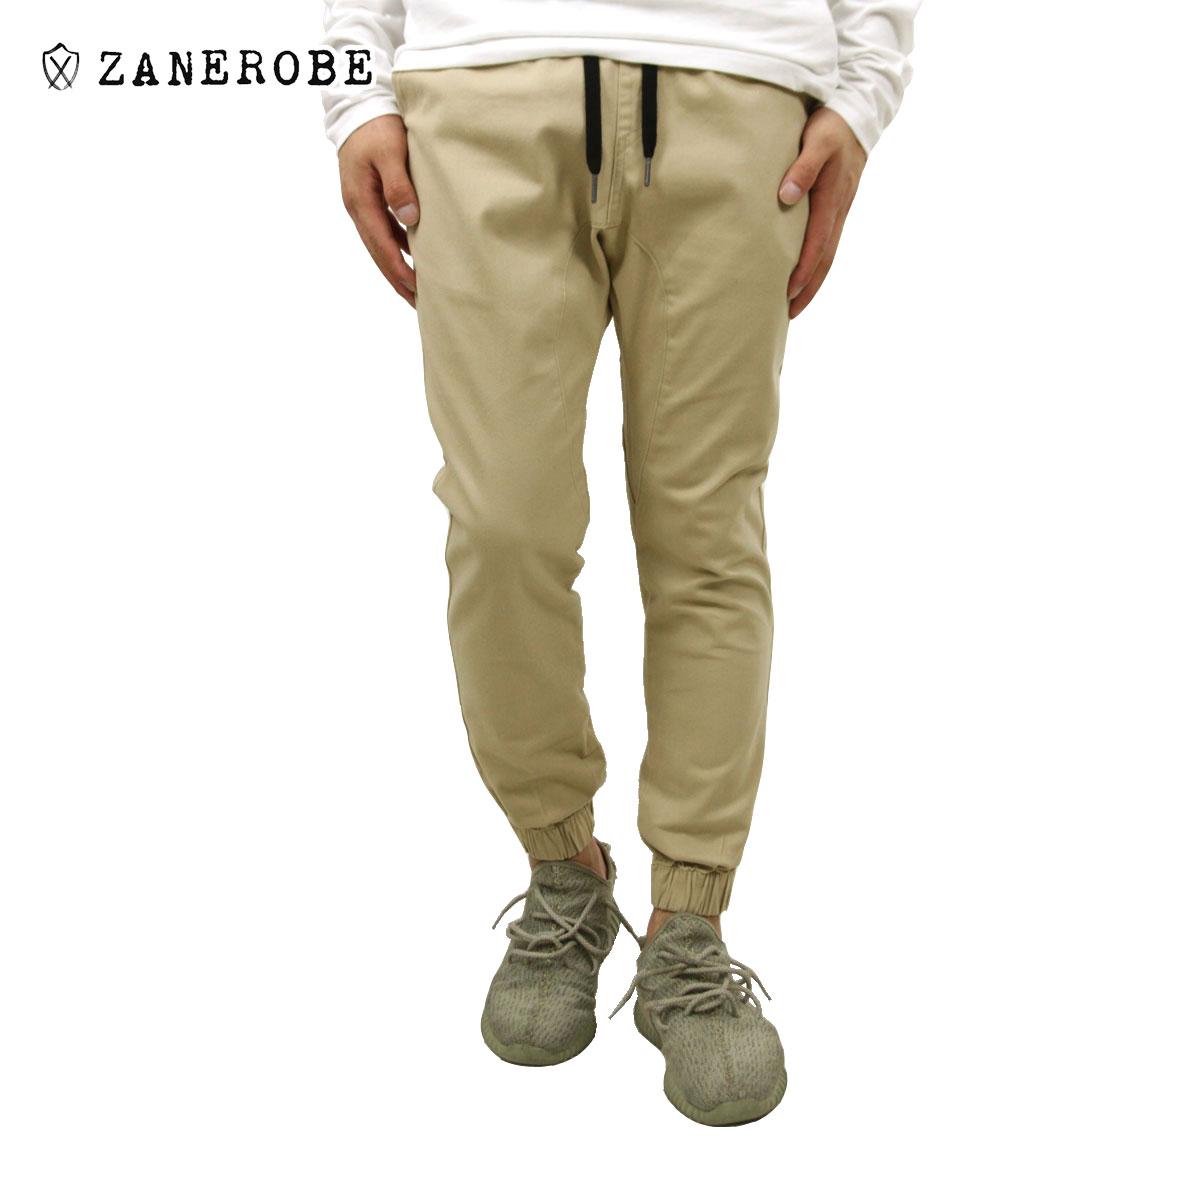 ゼンローブ ZANEROBE 正規販売店 メンズ チノ ジョガーパンツ SURESHOT CHINO JOGGER PANTS TAN 756-MTG